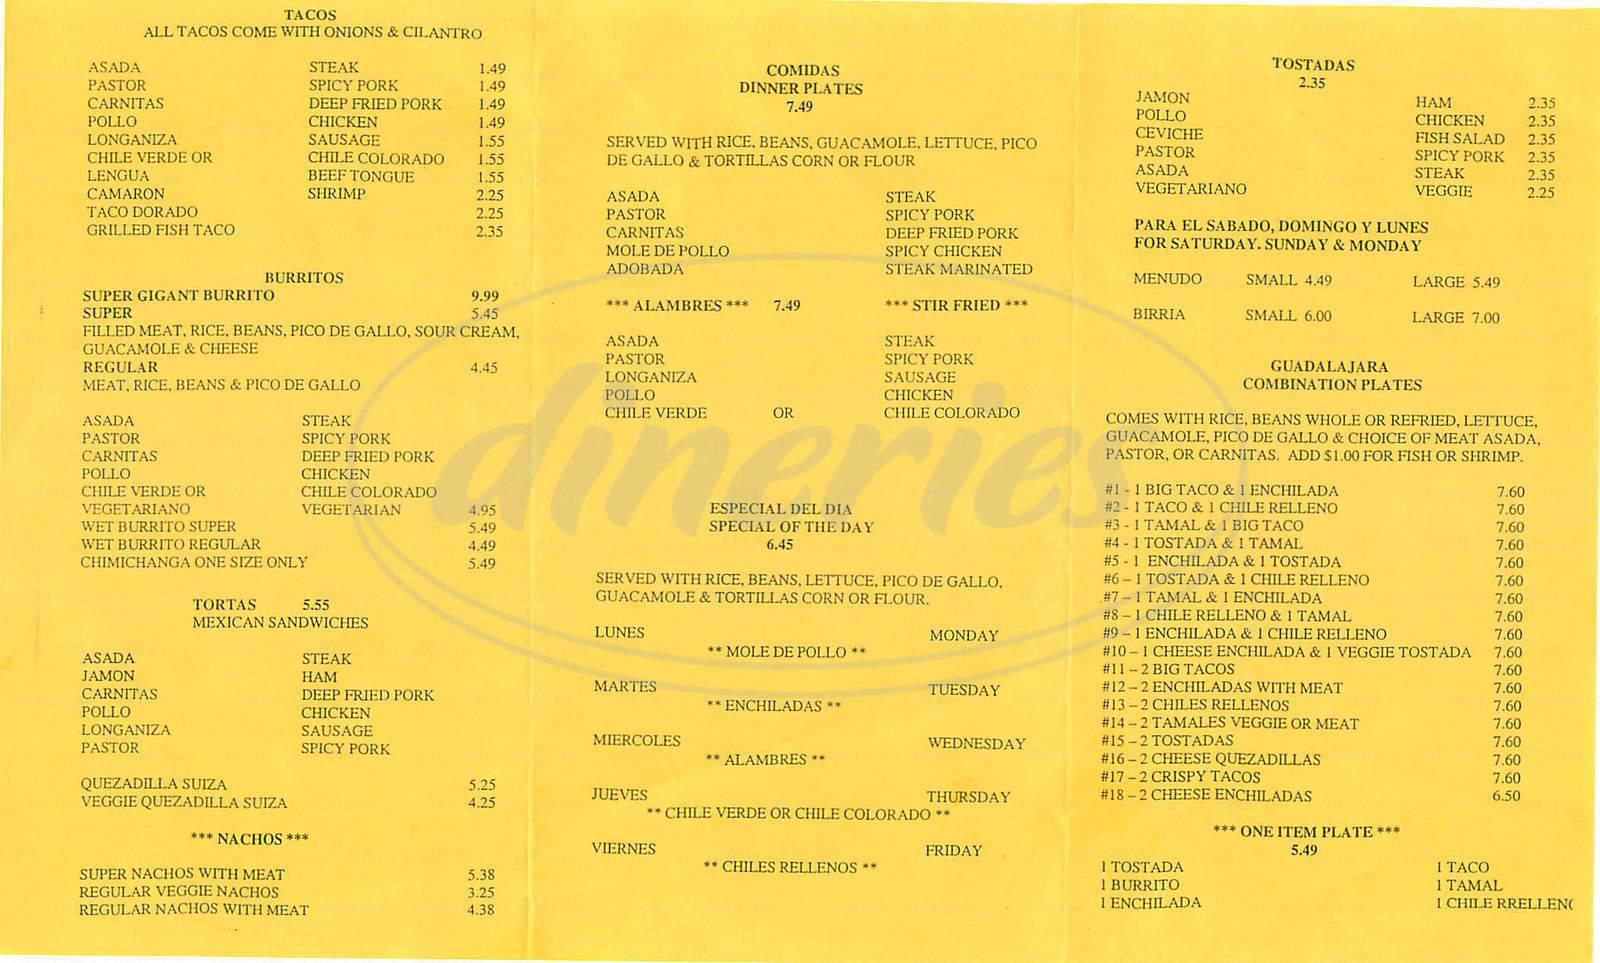 menu for Taqueria Guadalajara No 3